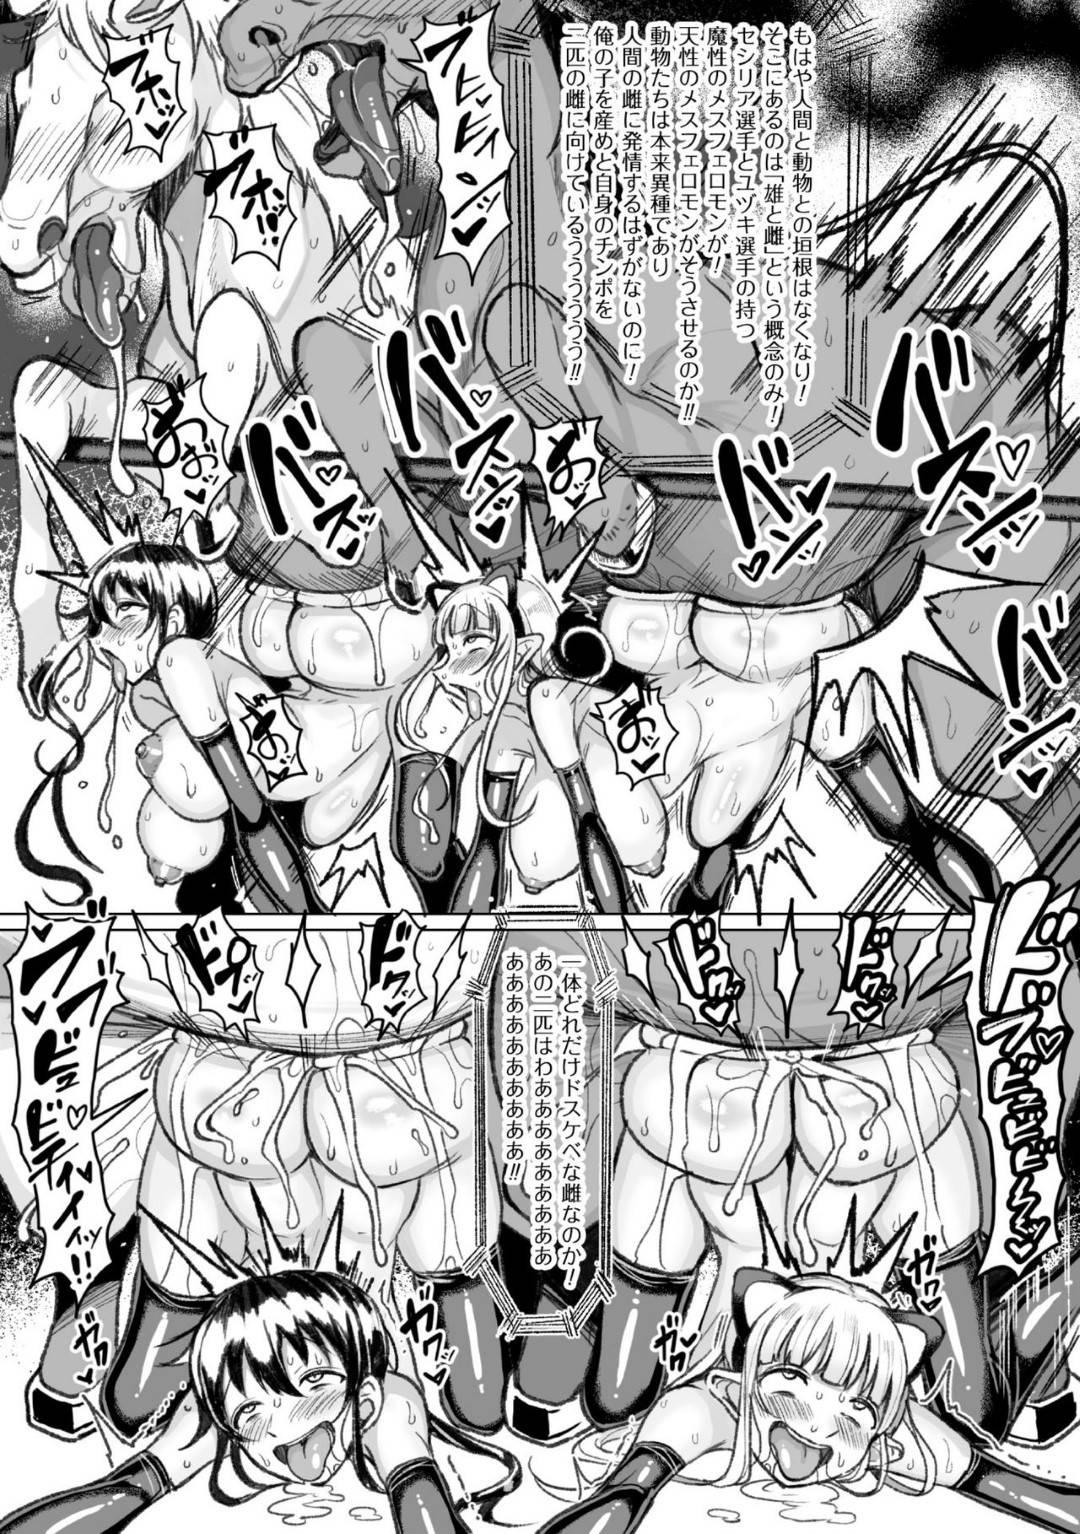 【エロ漫画】号外によって勇者として旅に出た兄が魔王に捕まったことを知る妹…旅の資金を得るため例のコロシアムに出場!そして種付けされ兄と同行していた女魔術師と再会!肉便器となった2人が異種姦ショーを観客の前で行う!【もつあき:種付けコロシアム!】